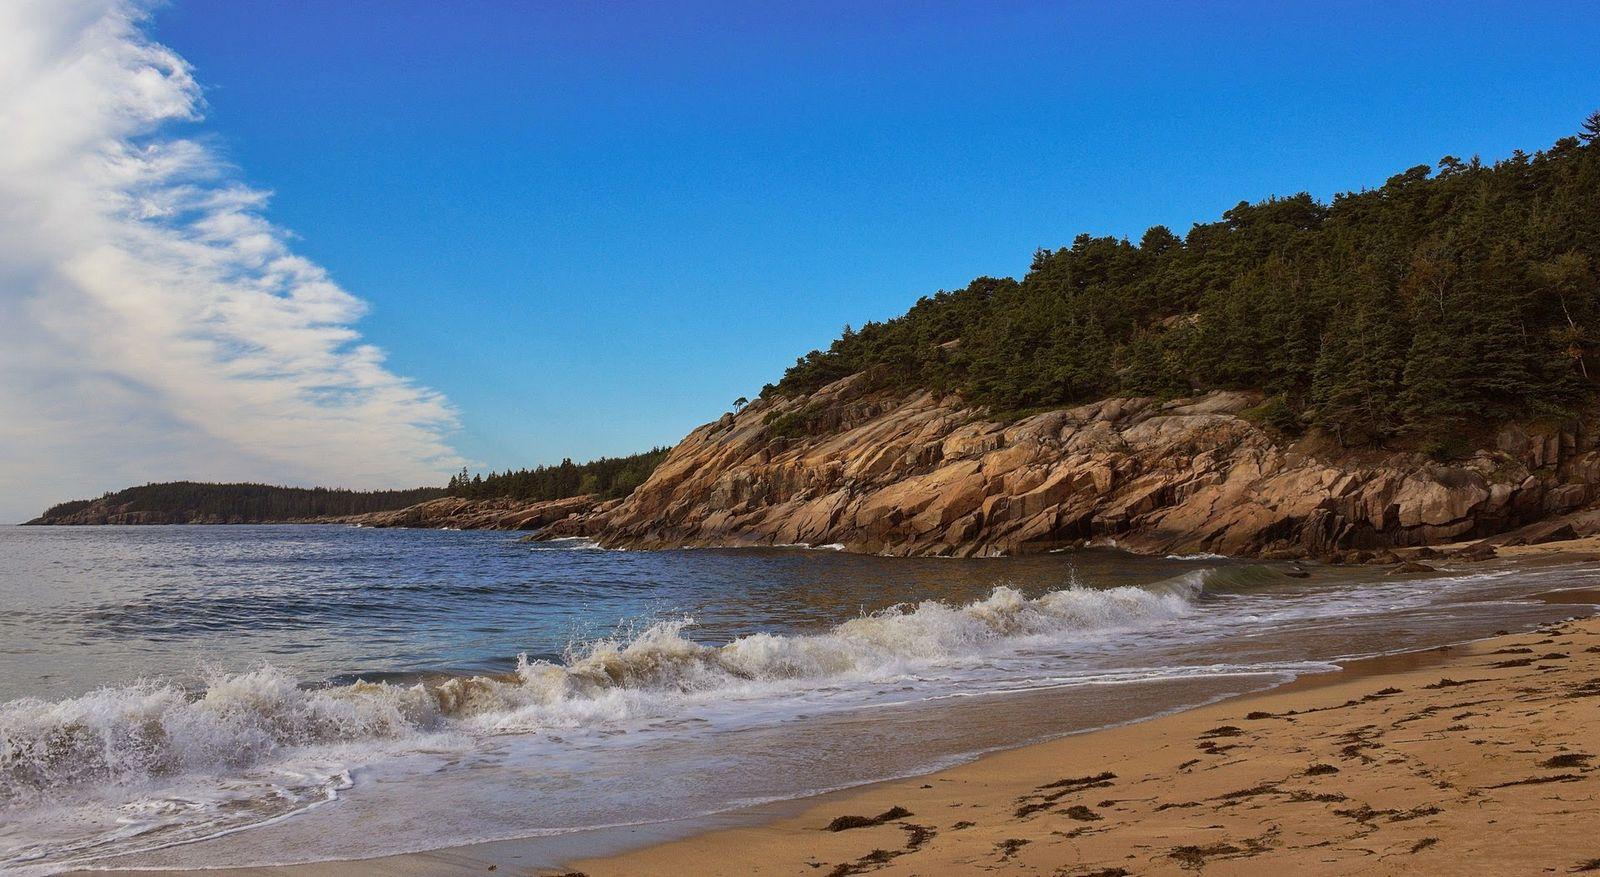 Sand Beach, zona de baño solo para valientes